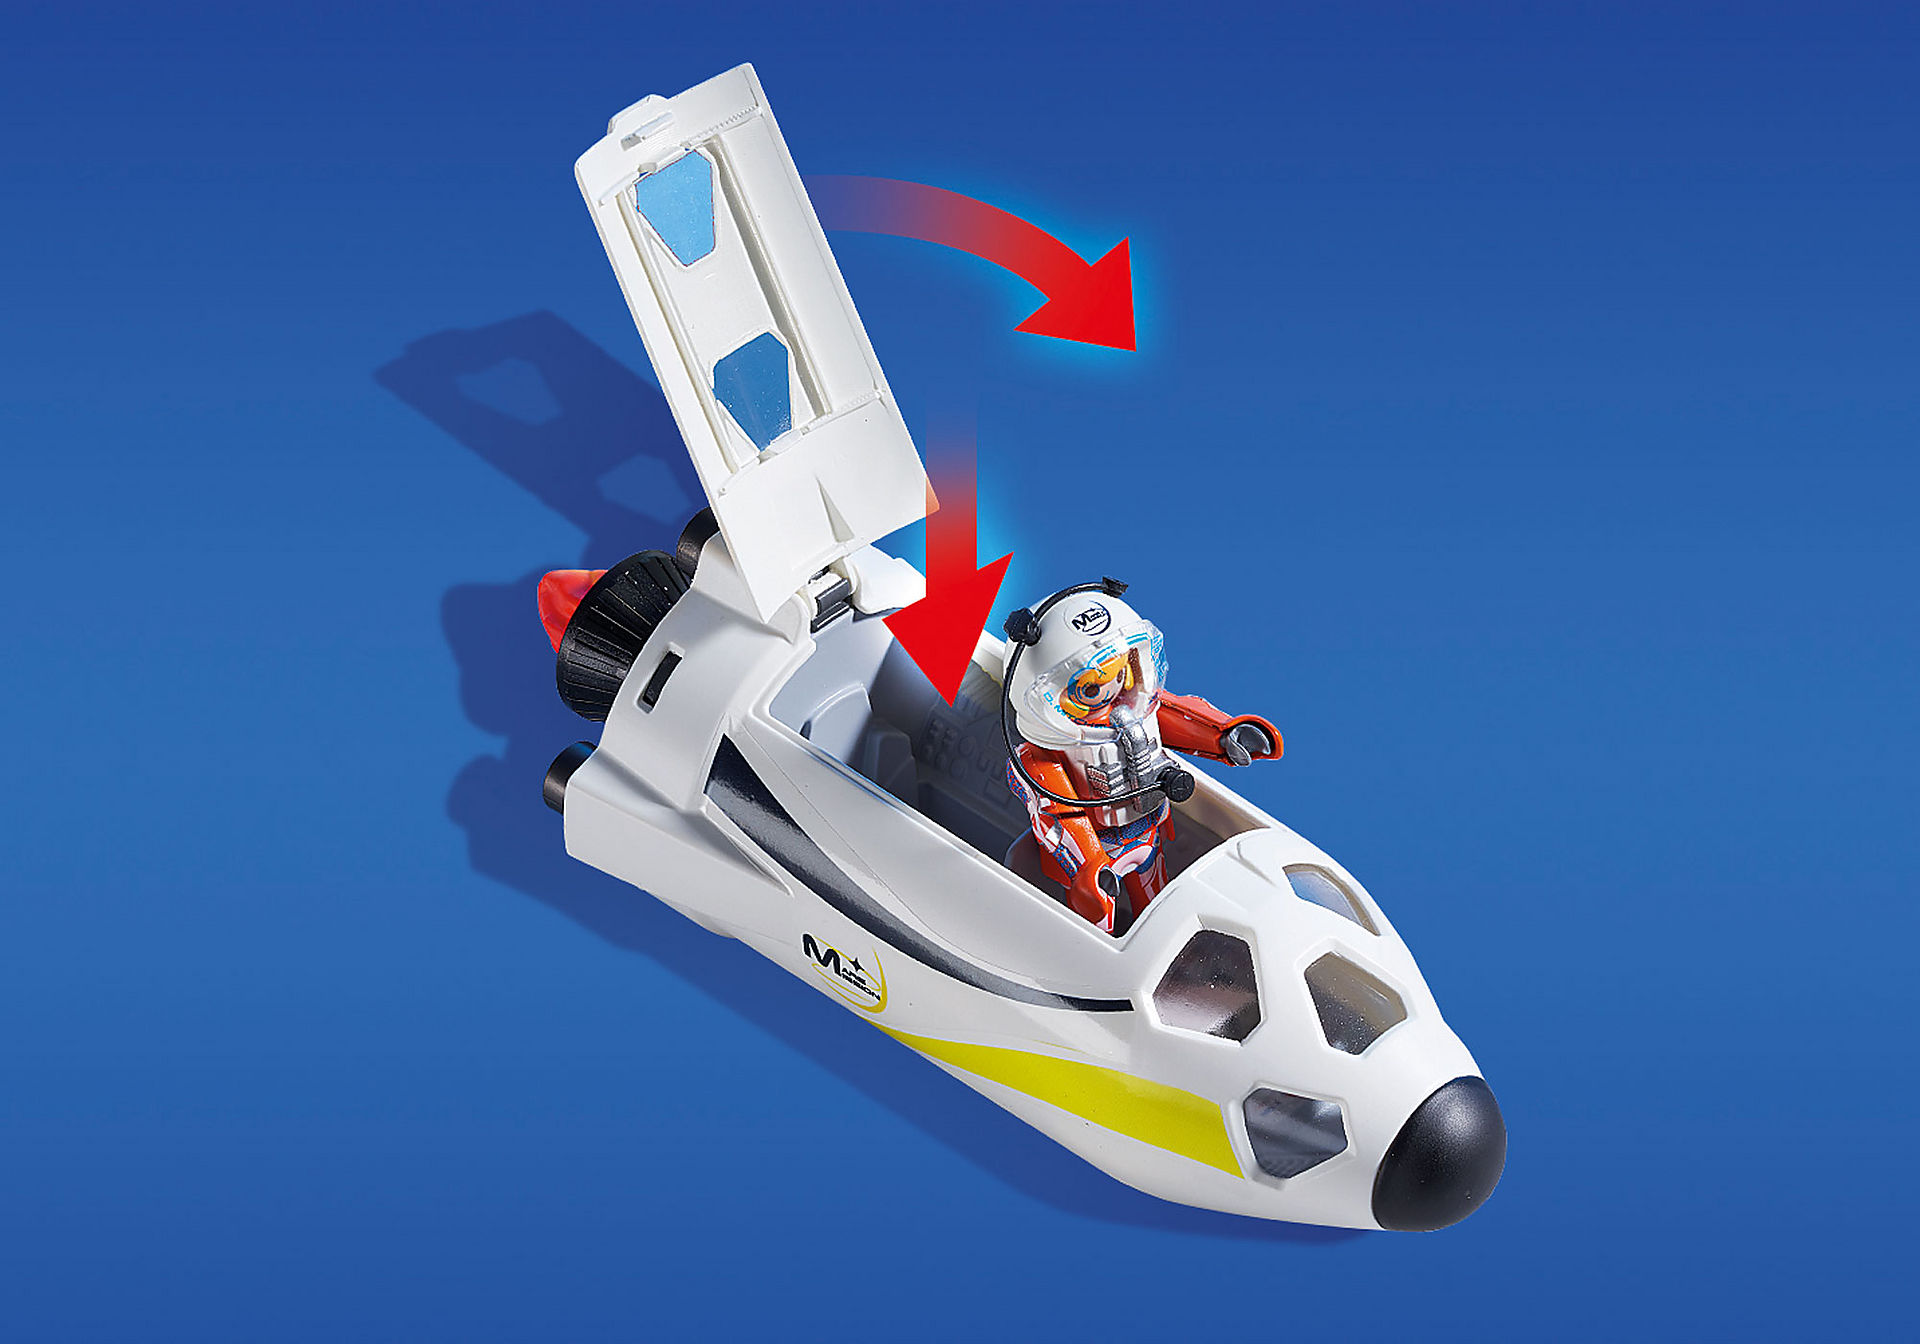 http://media.playmobil.com/i/playmobil/9488_product_extra6/Πύραυλος διαστημικής αποστολής με σταθμό εκτόξευσης